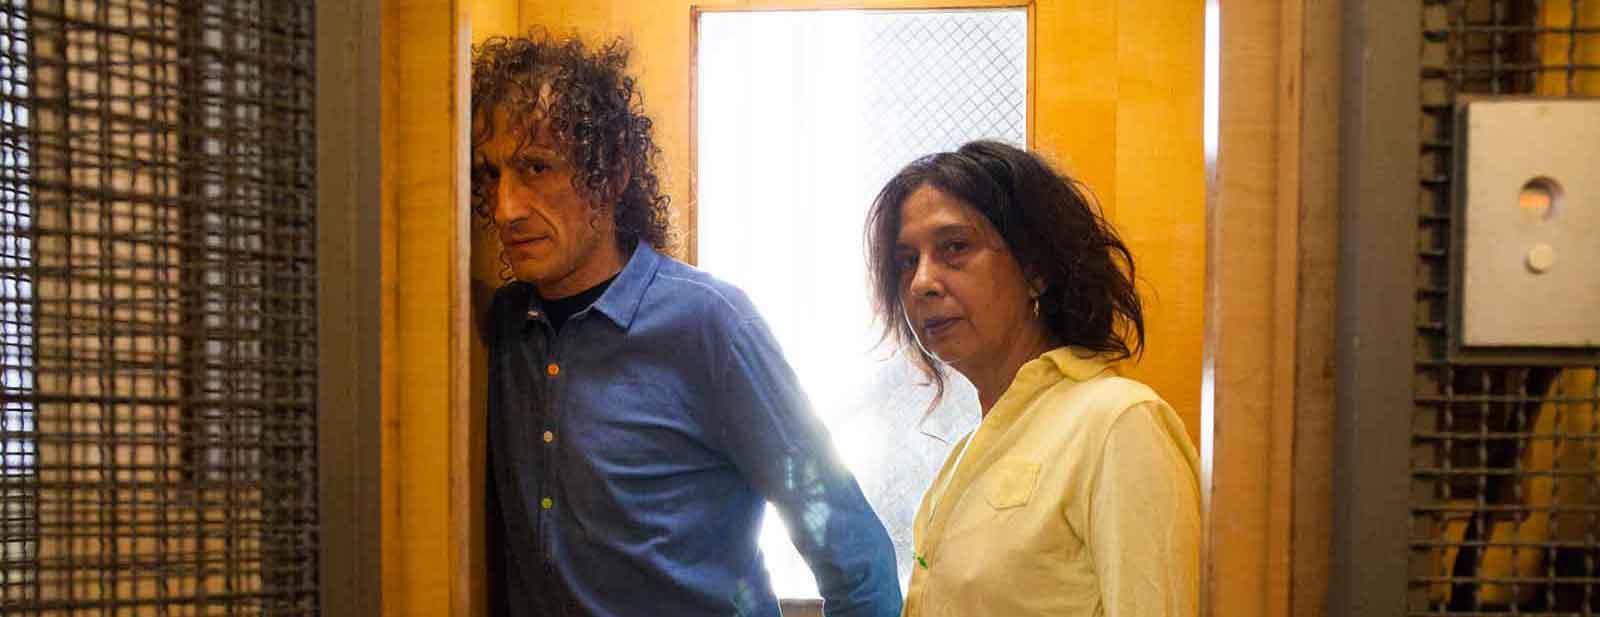 Antonio Rezza e Flavia-Mastrella. © Foto di Giulio Mazzi. Particolare